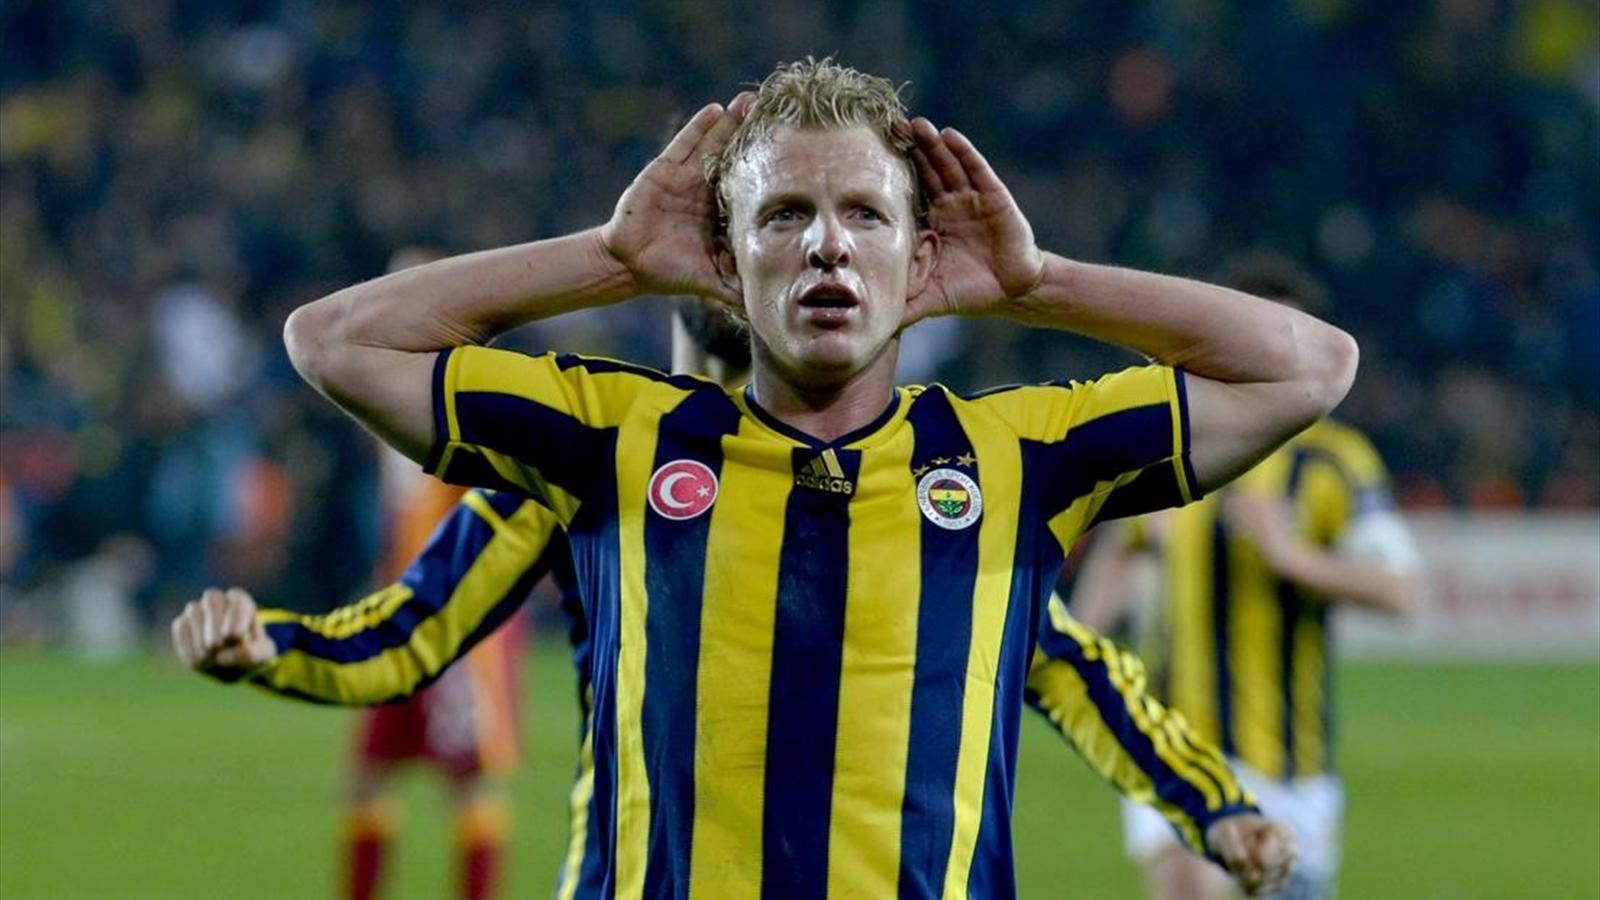 Video: Fenerbahce vs Galatasaray